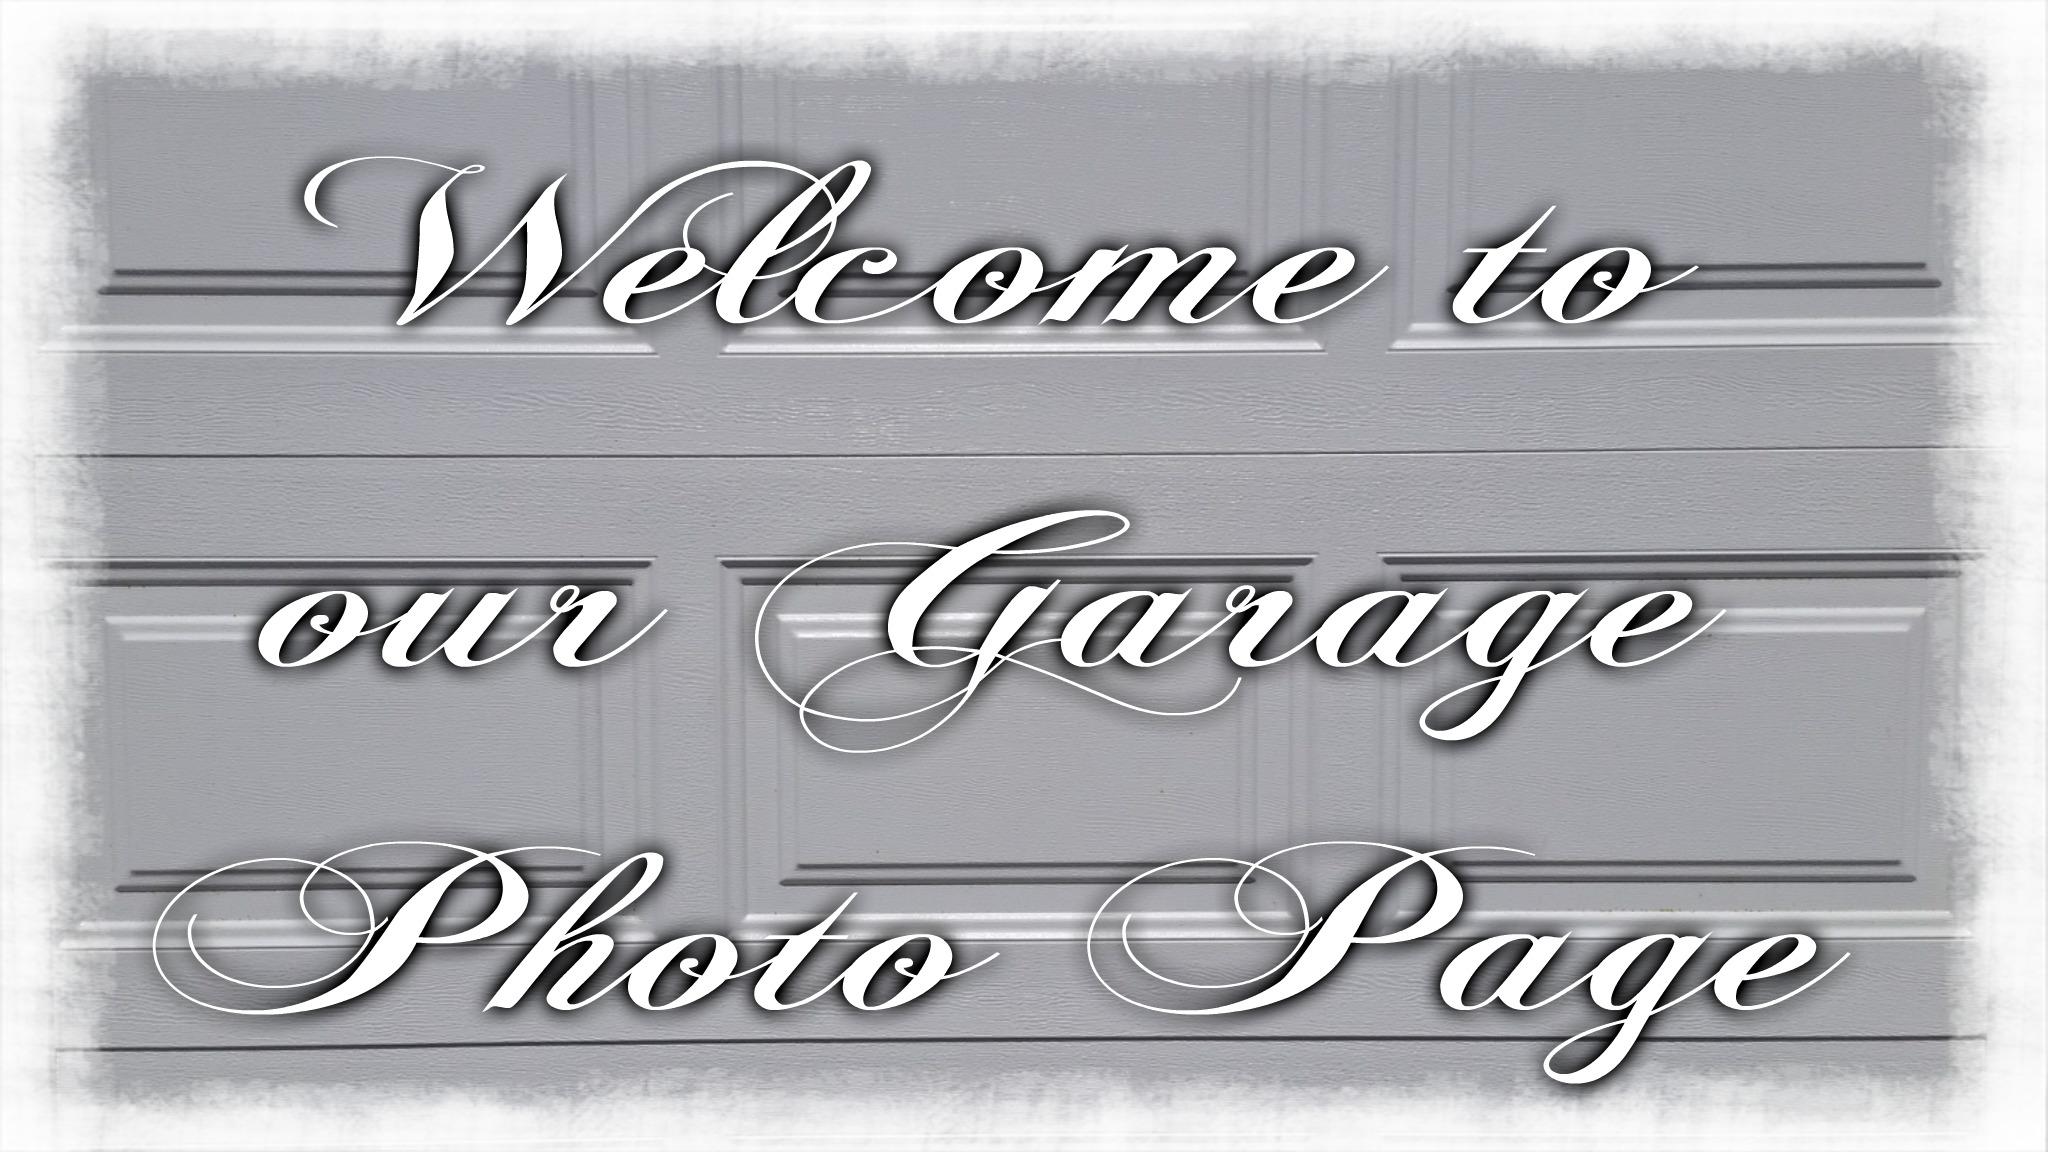 Garage page